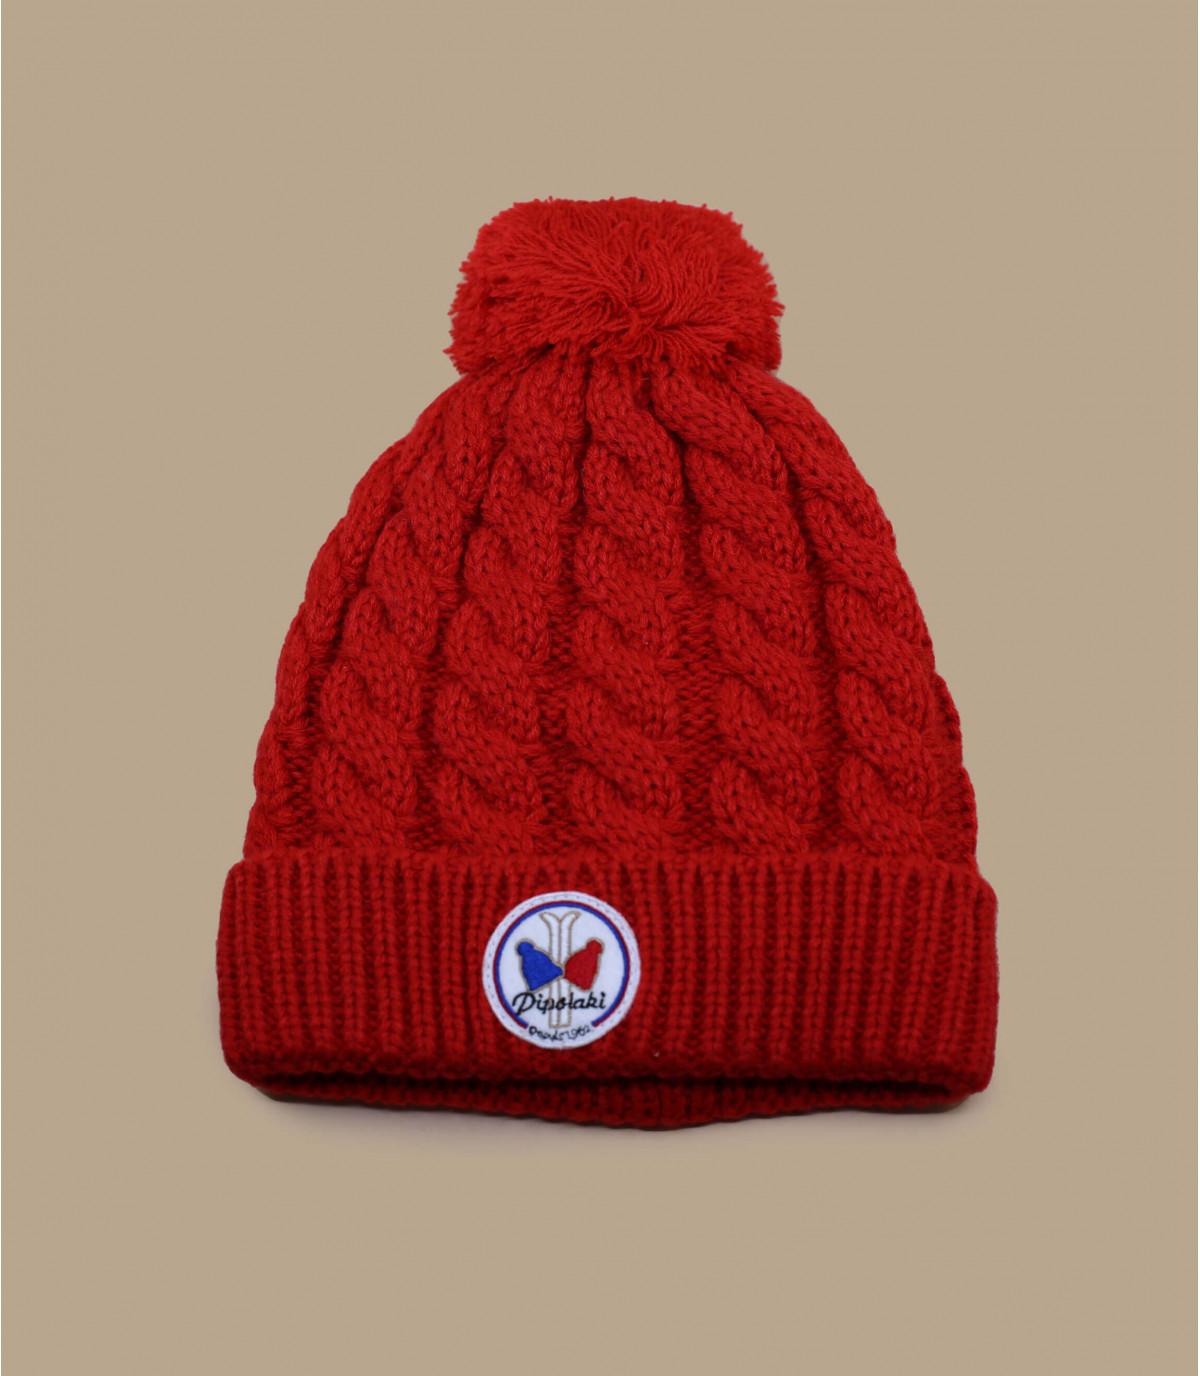 Bonnet pompon rouge pipolaki. Détails Gstaad rouge wm , image 1